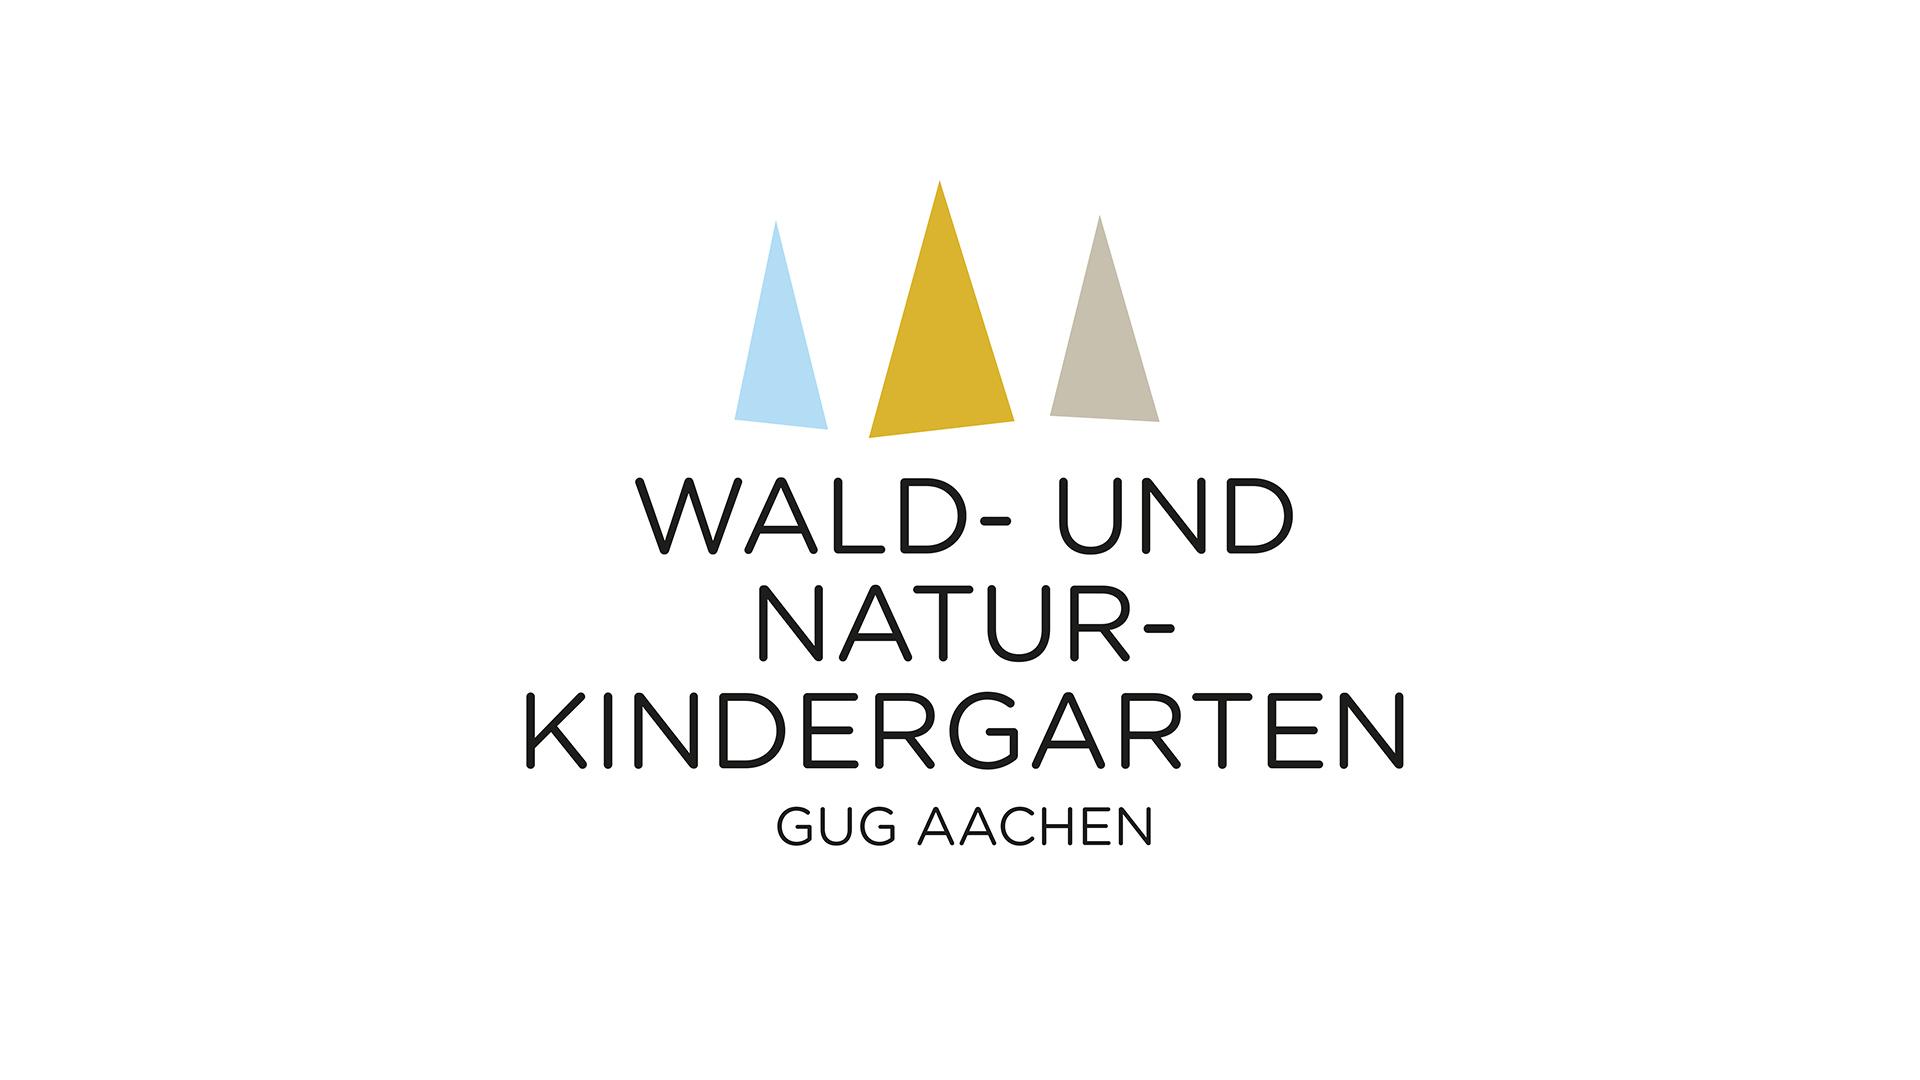 Wald- und Naturkindergarten Aachen, Logodesign Träger